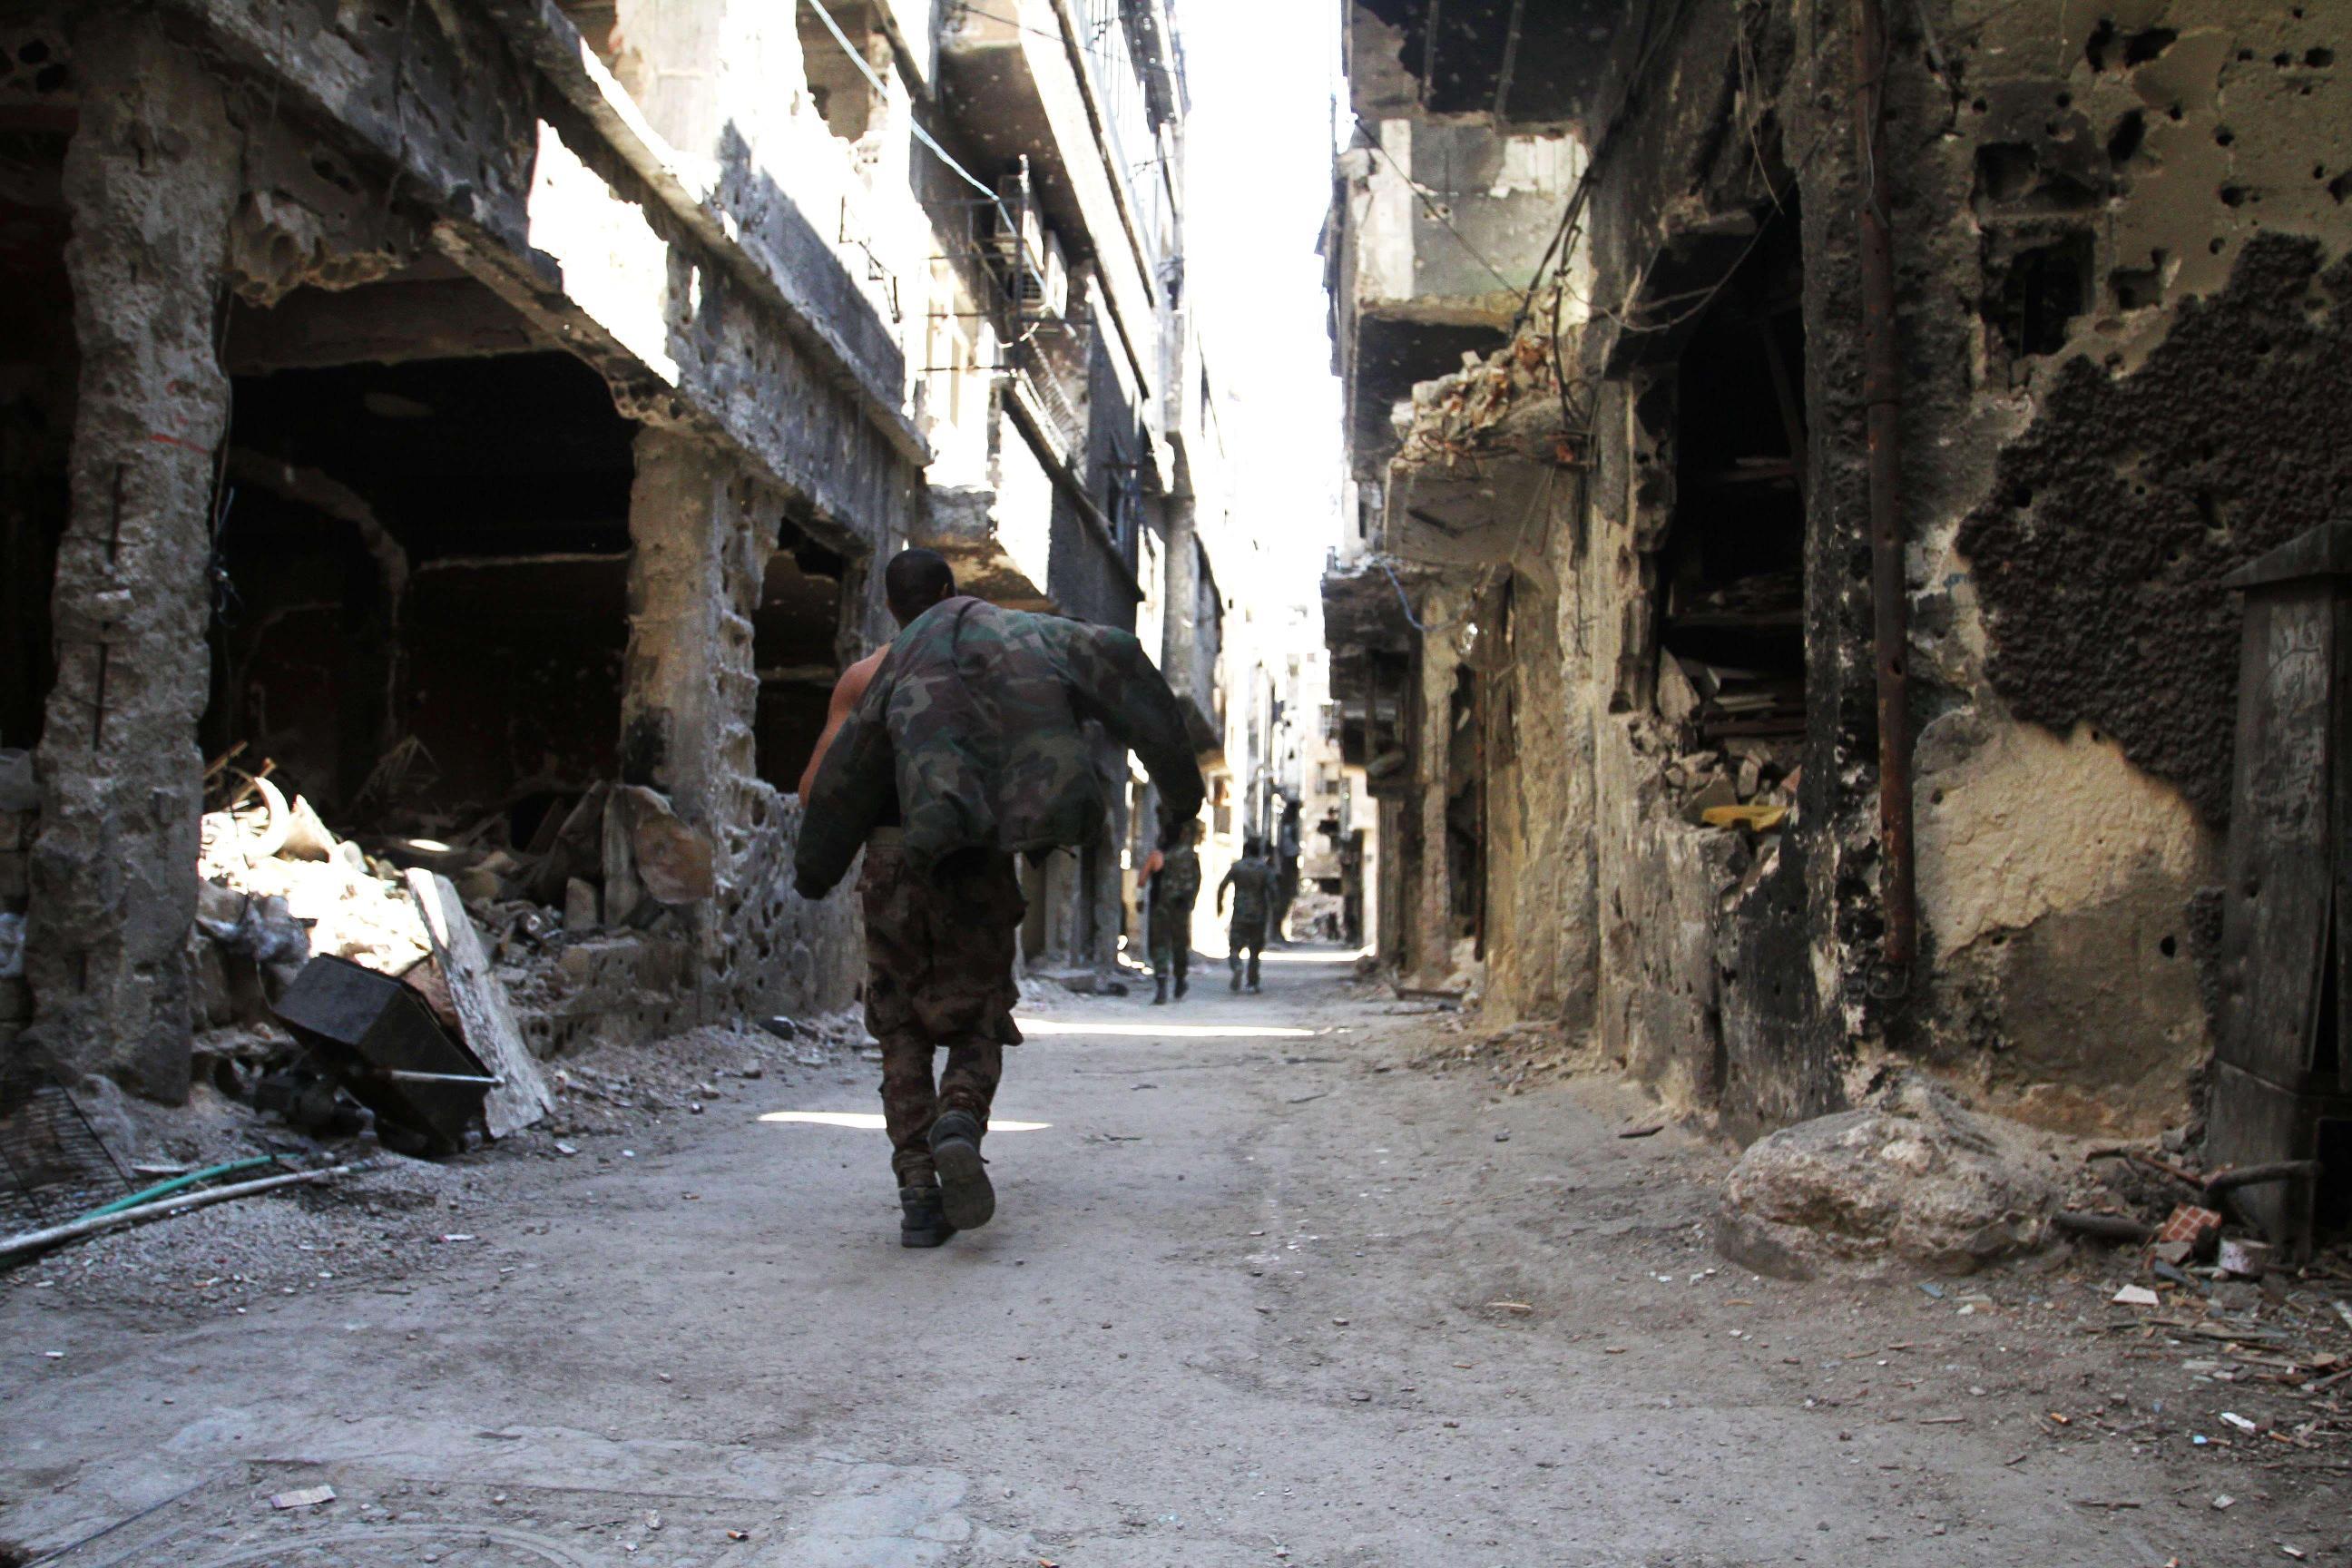 """Intervista all analista palestinese Nassar Ibrahim """"Nel campo palestinese stanno battendo tutti gli attori della guerra civile siriana e del conflitto"""